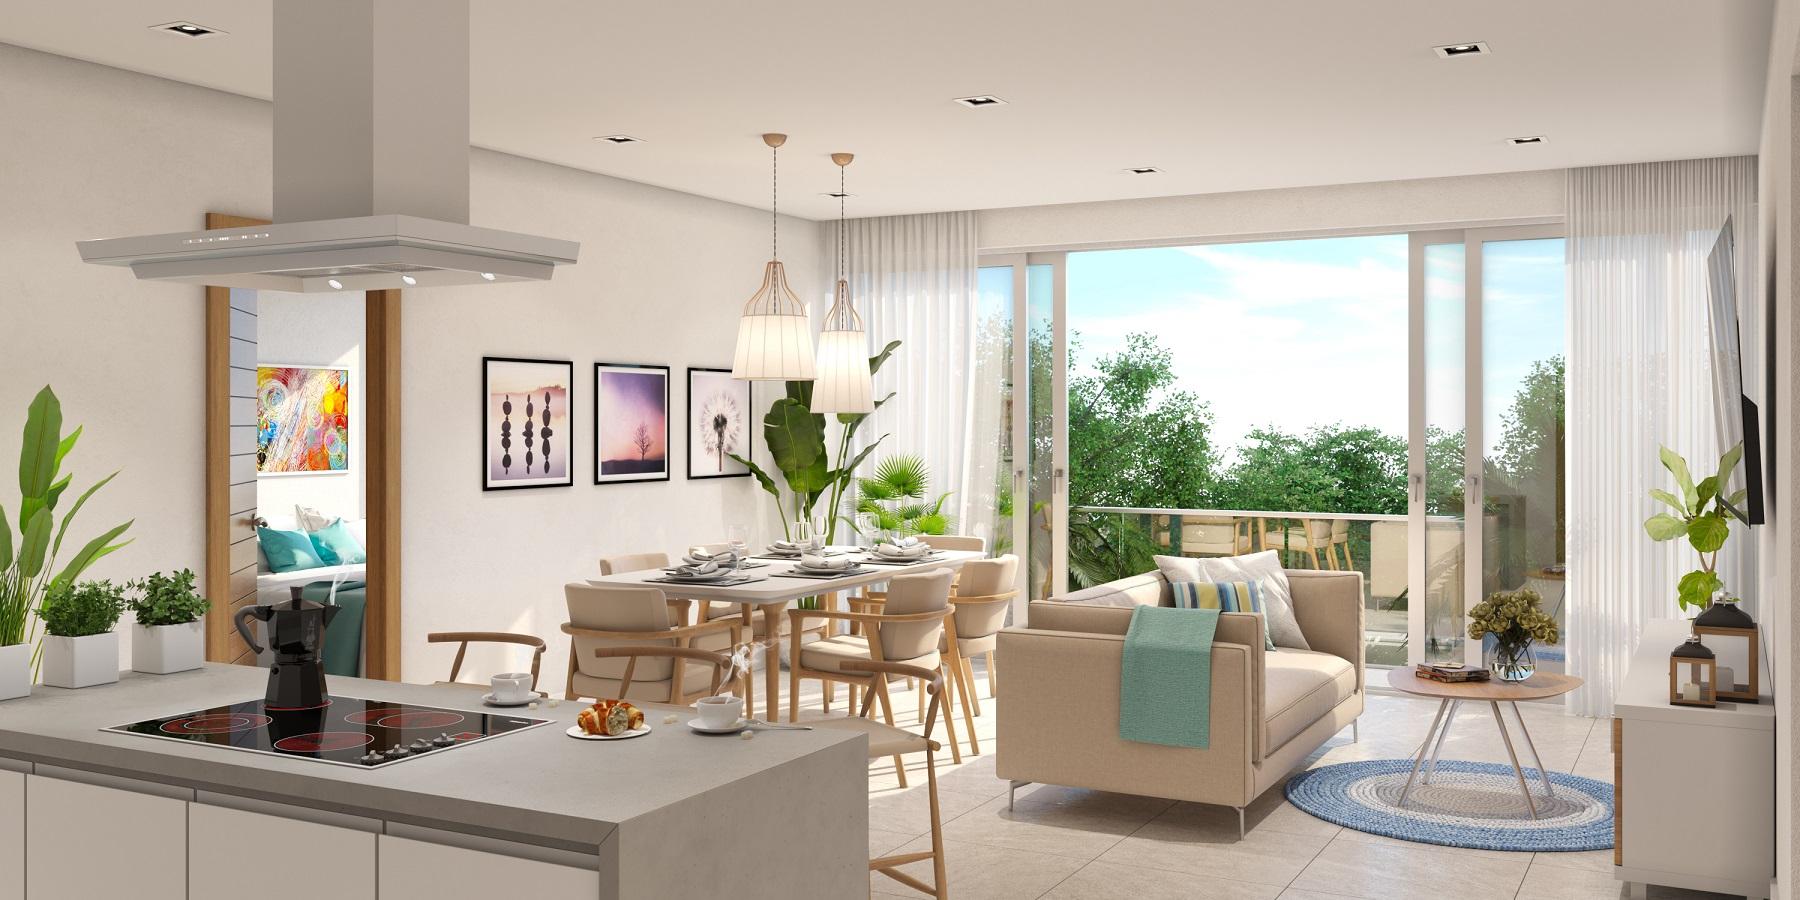 2 bedroom penthouse for sale in Playa del Carmen